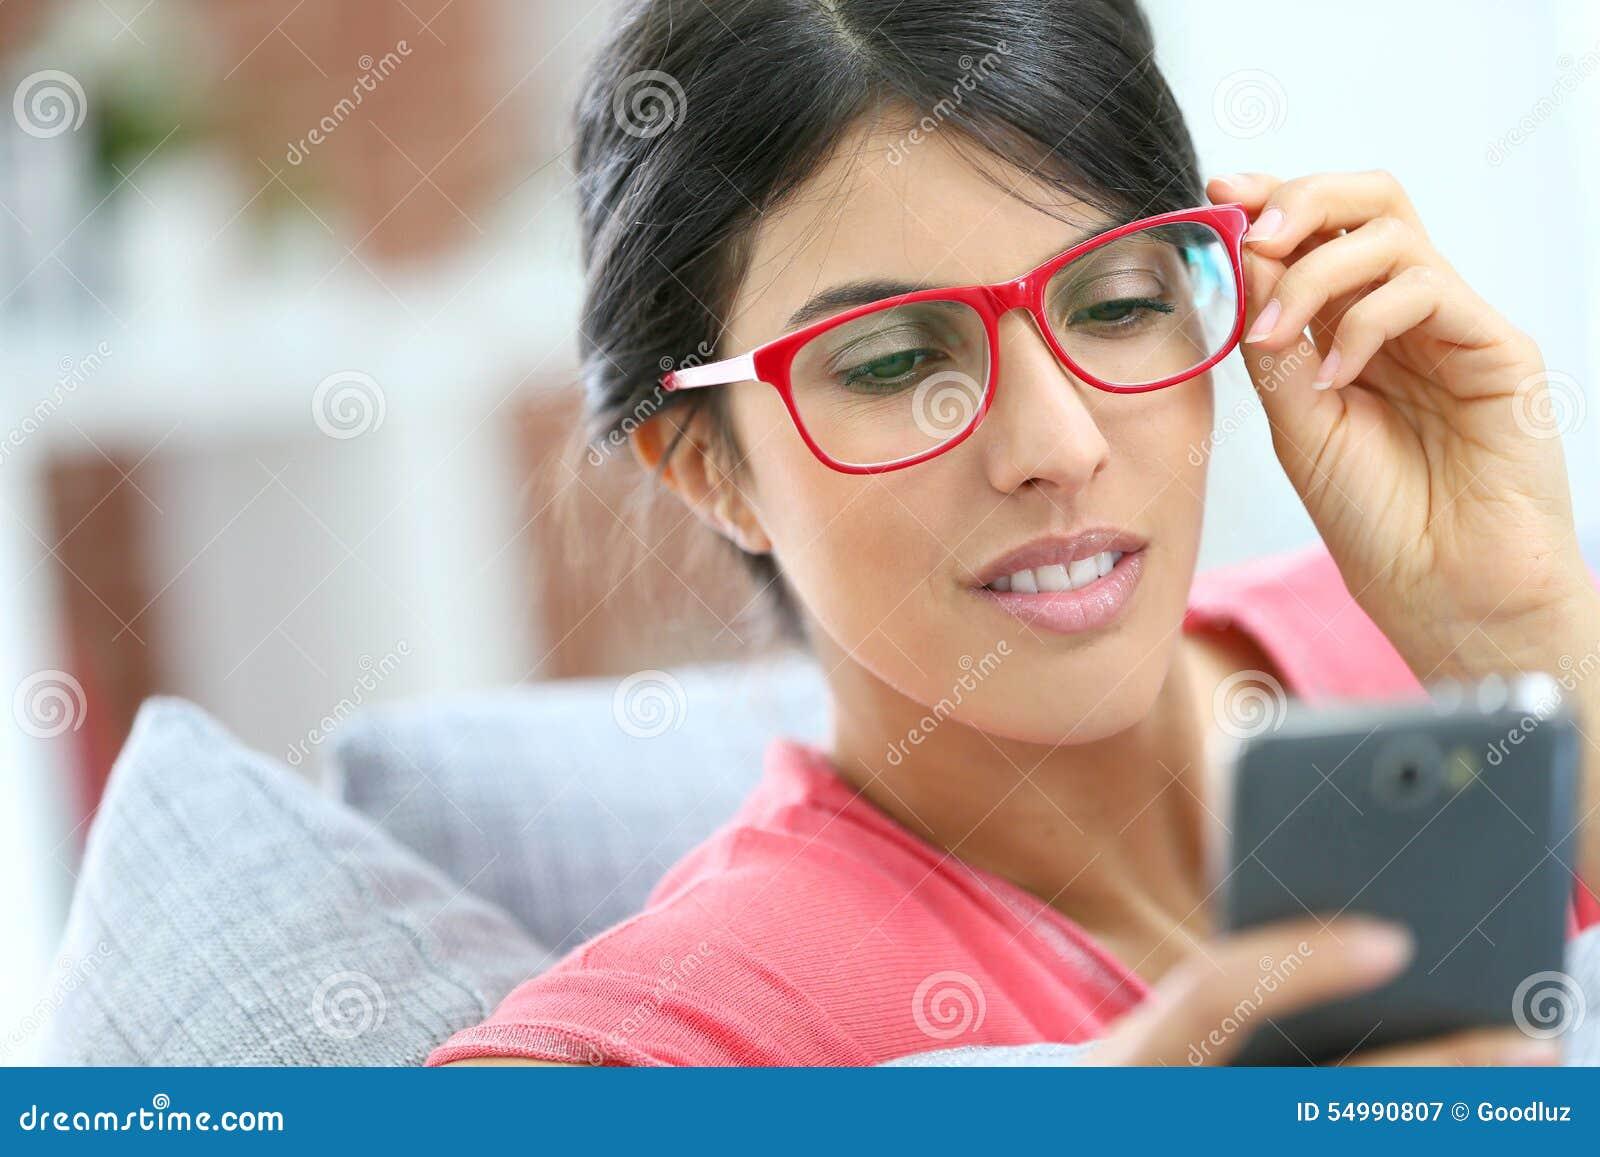 Πορτρέτο της κομψής νέας γυναίκας που χρησιμοποιεί το smartphone